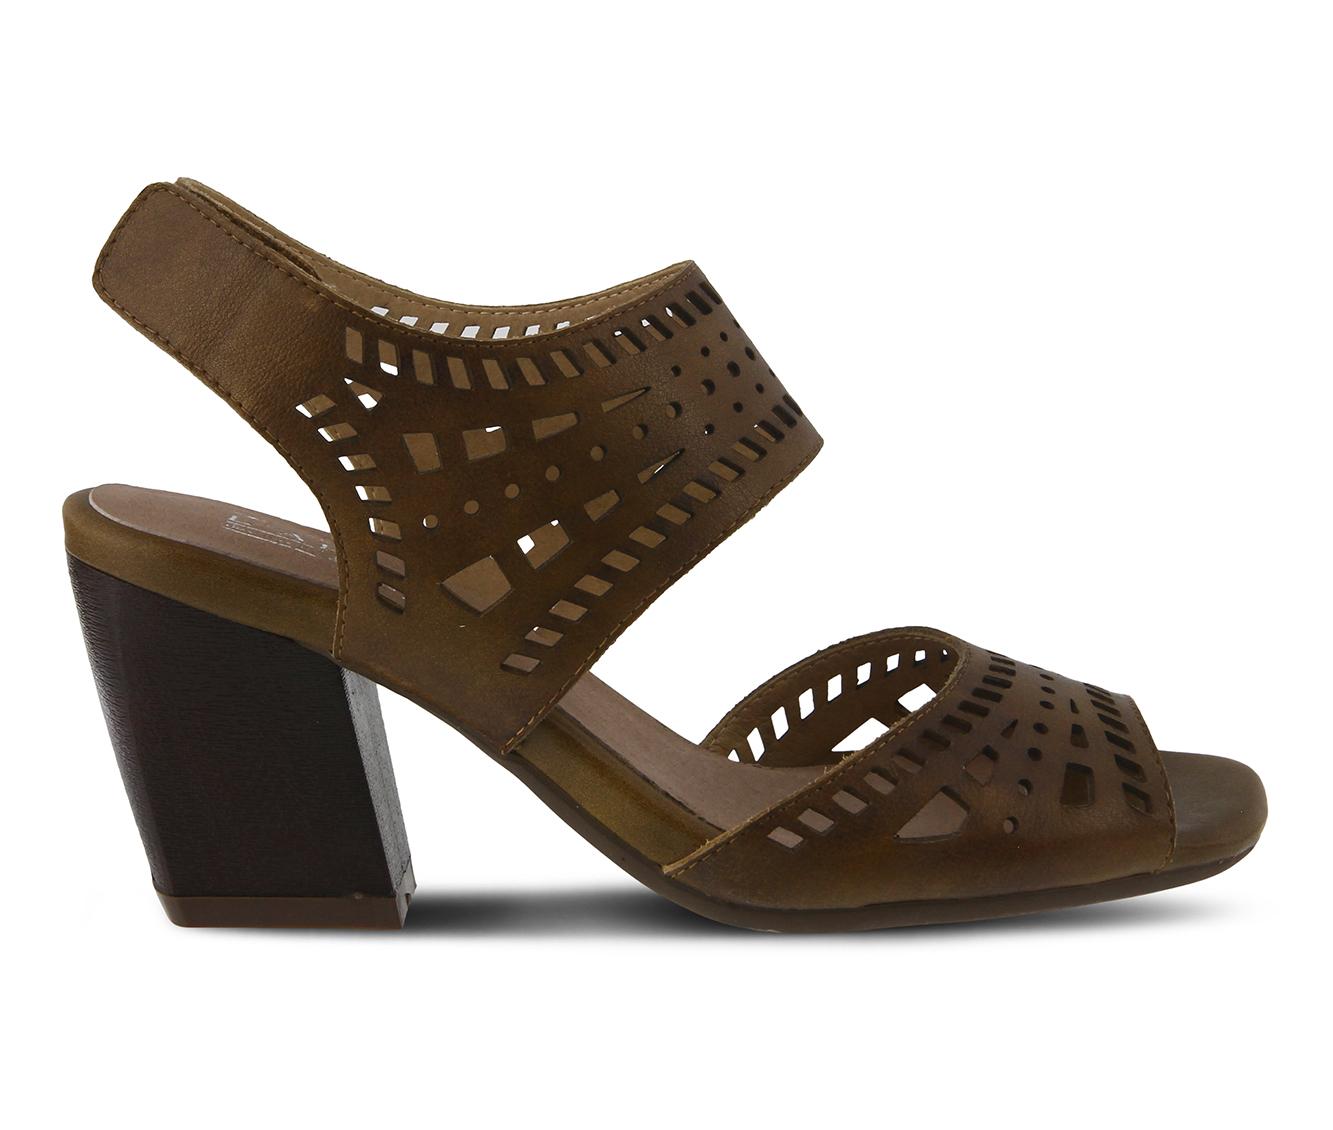 L'Artiste Zemora Women's Dress Shoe (Beige Leather)